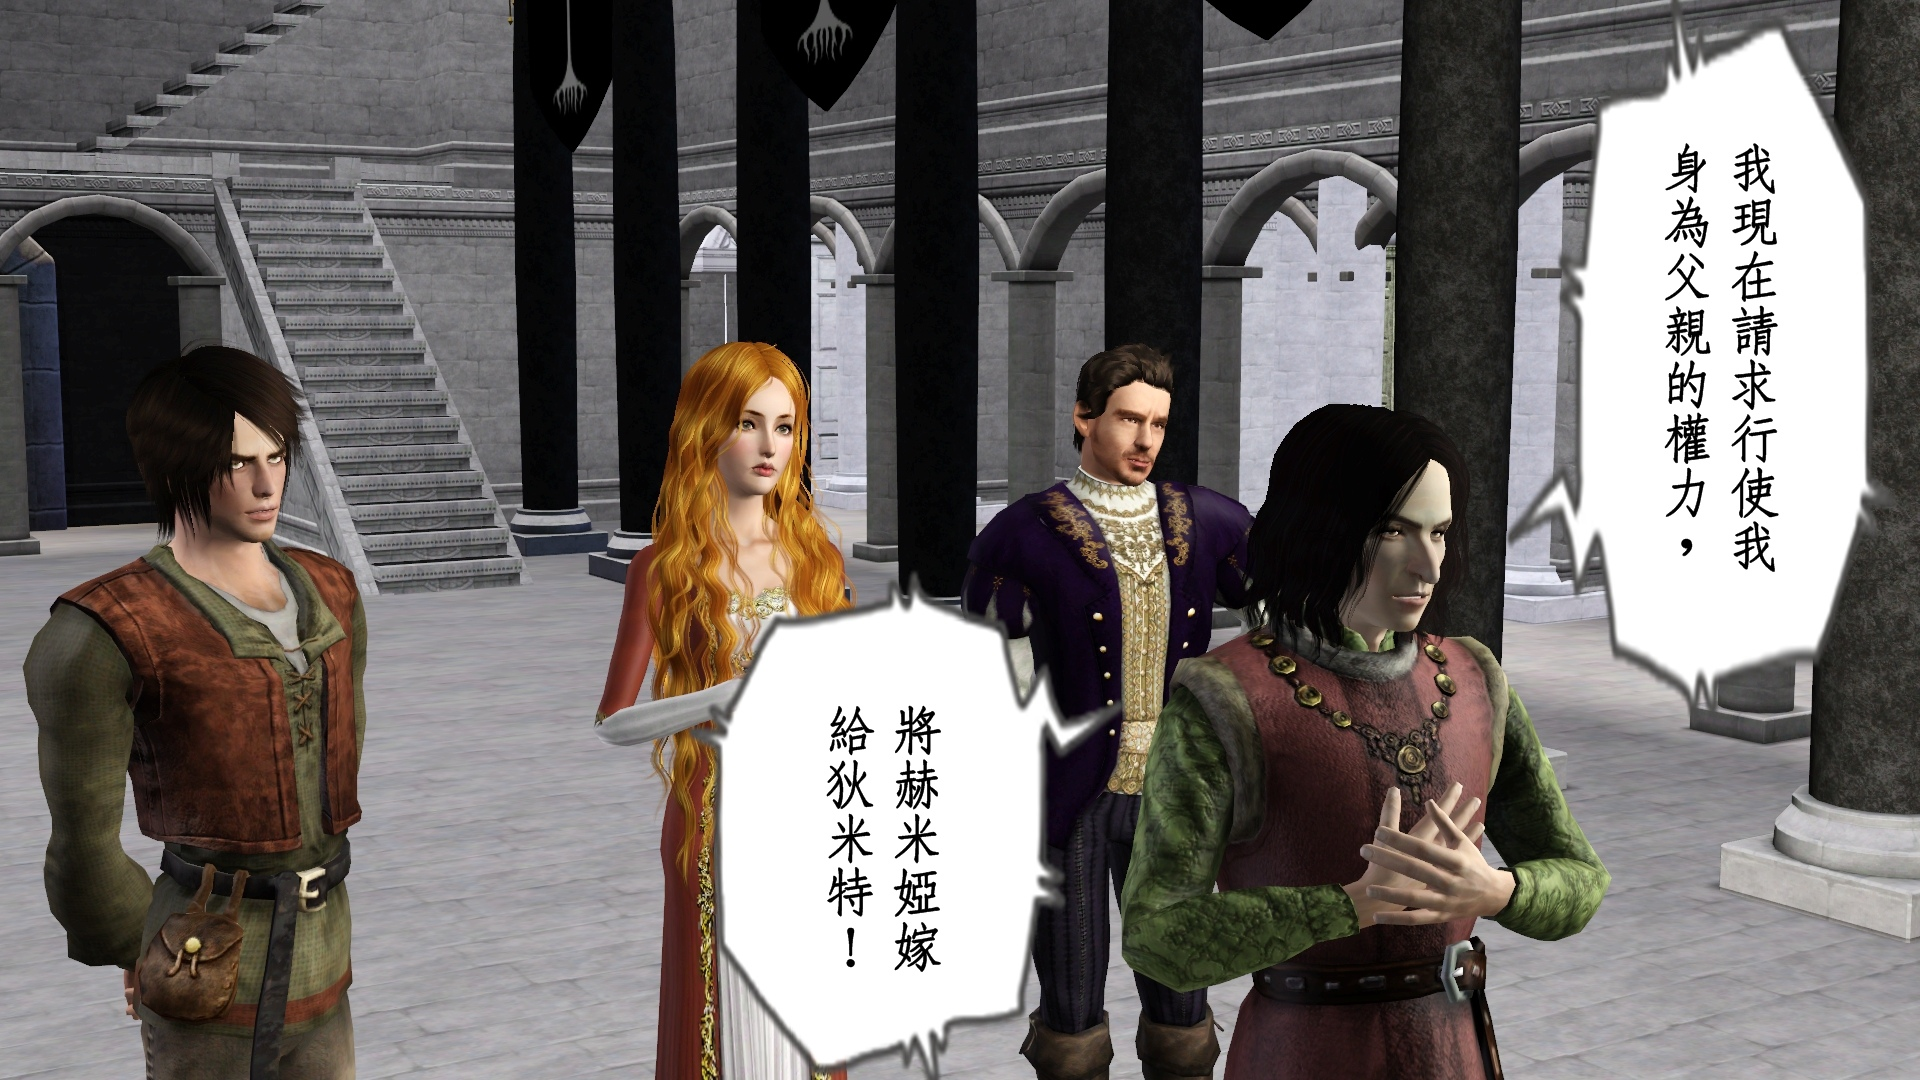 A07我現在請求行使我身為父親的權力,將赫米婭嫁給狄米特.jpg